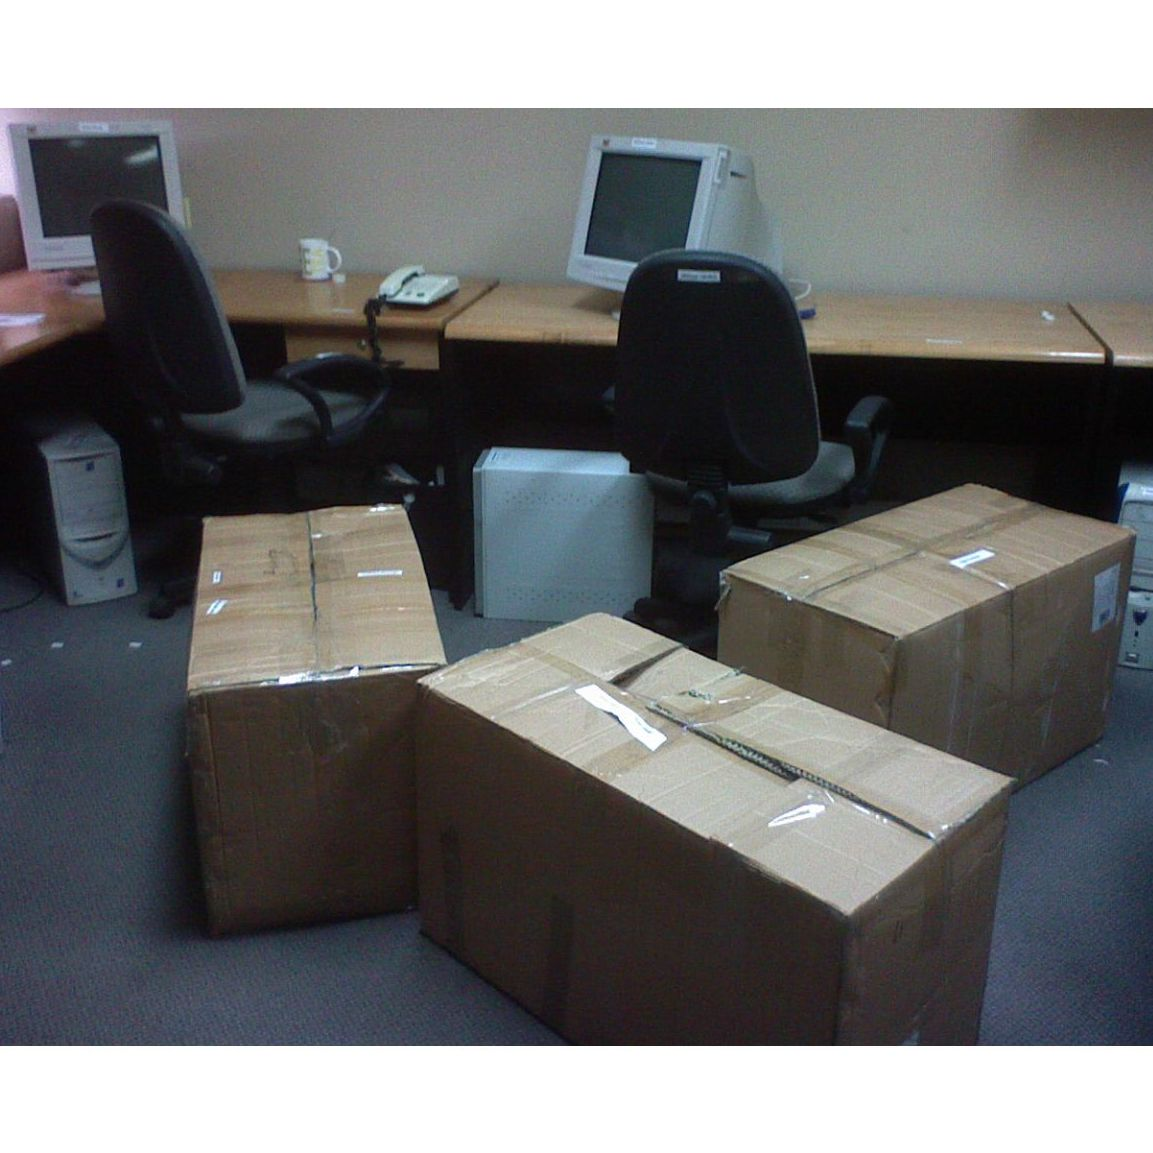 Traslados de oficinas servicio mudanzas of mudanzas bilbao for Mudanzas de oficinas